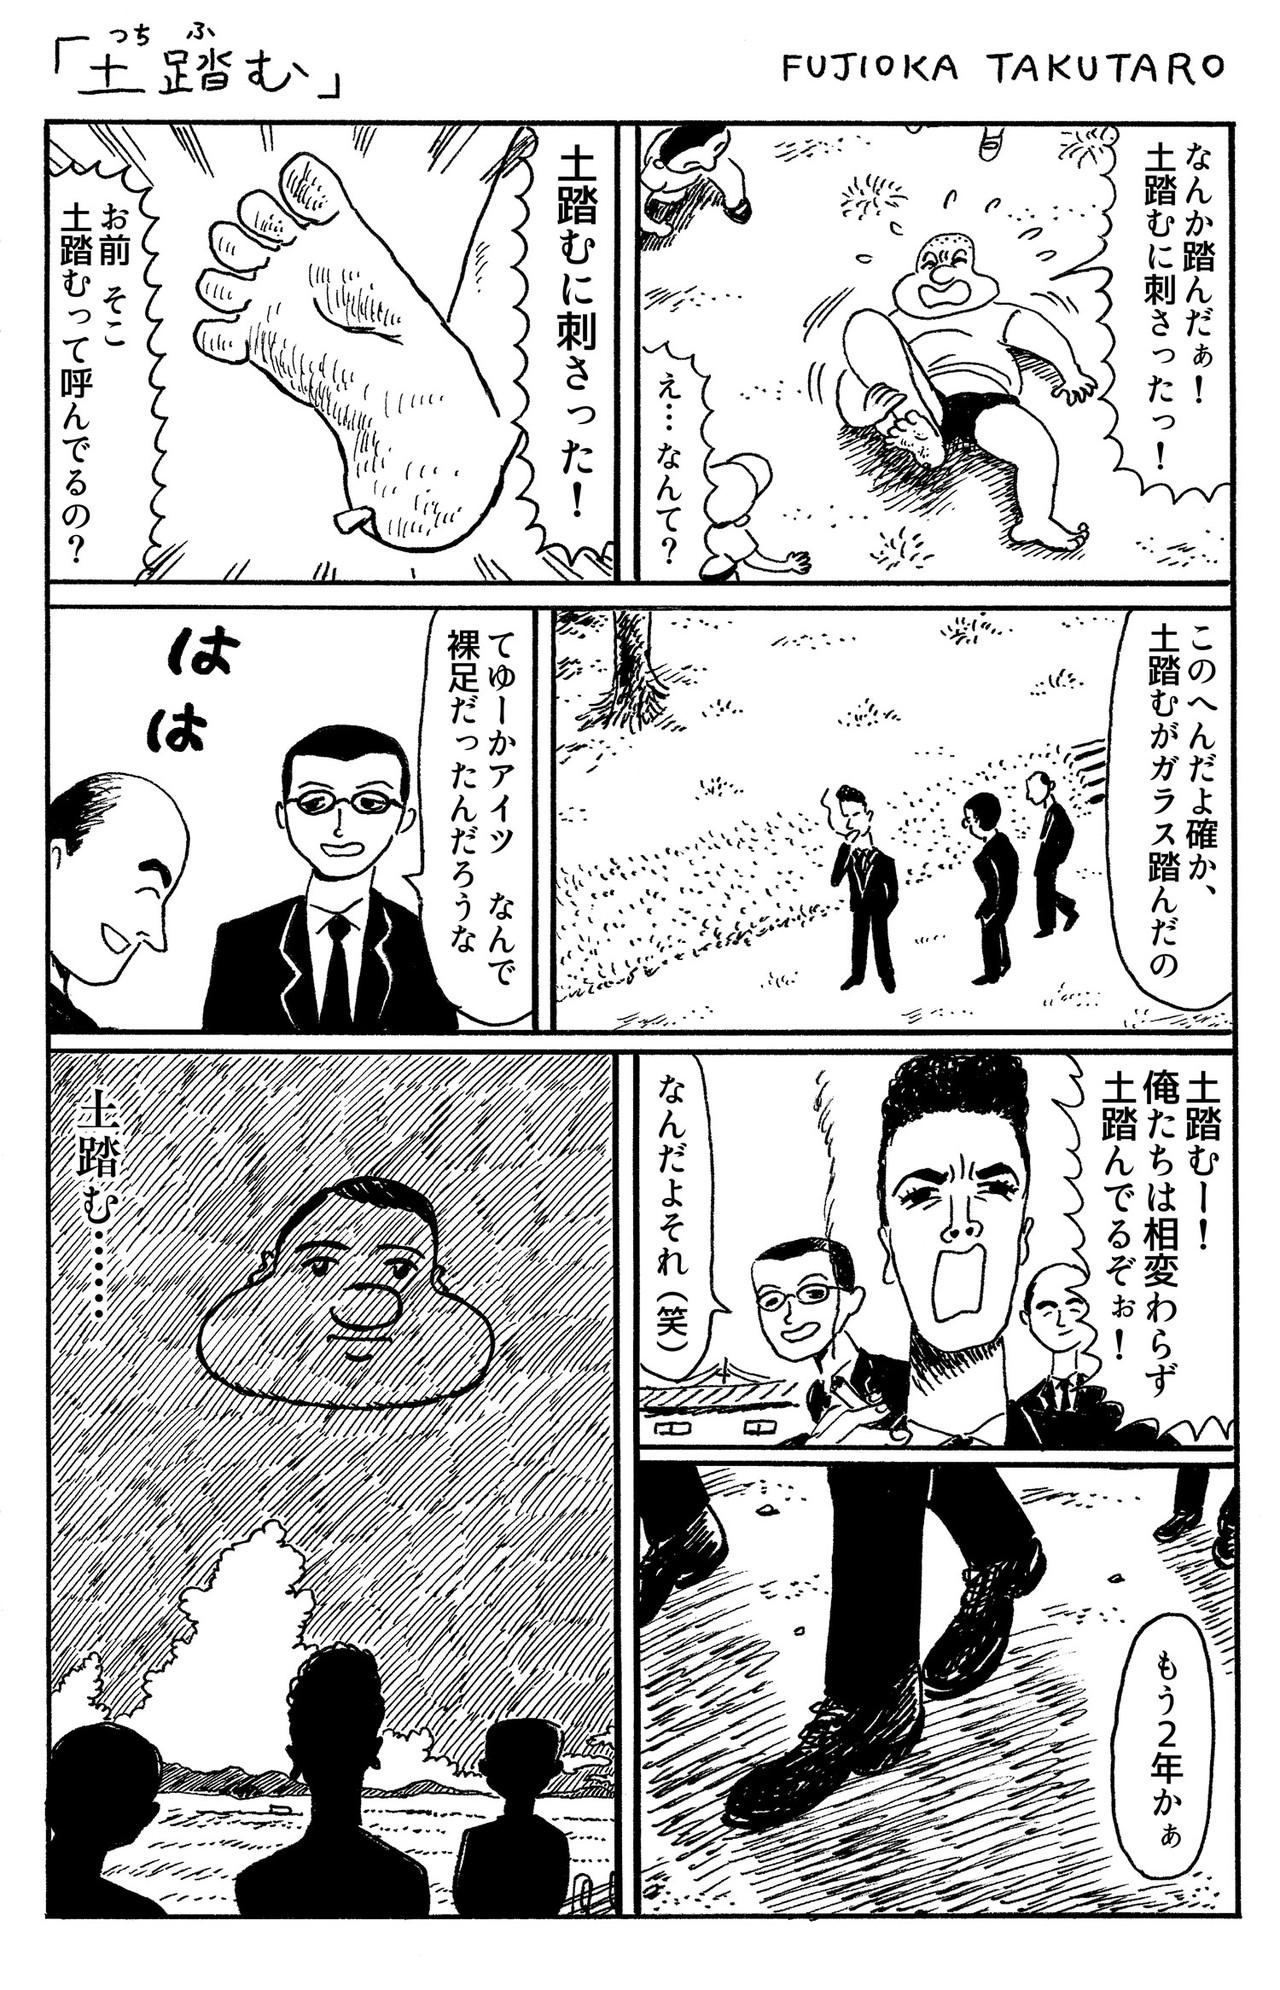 20180716_1ページ漫画_土踏む__R